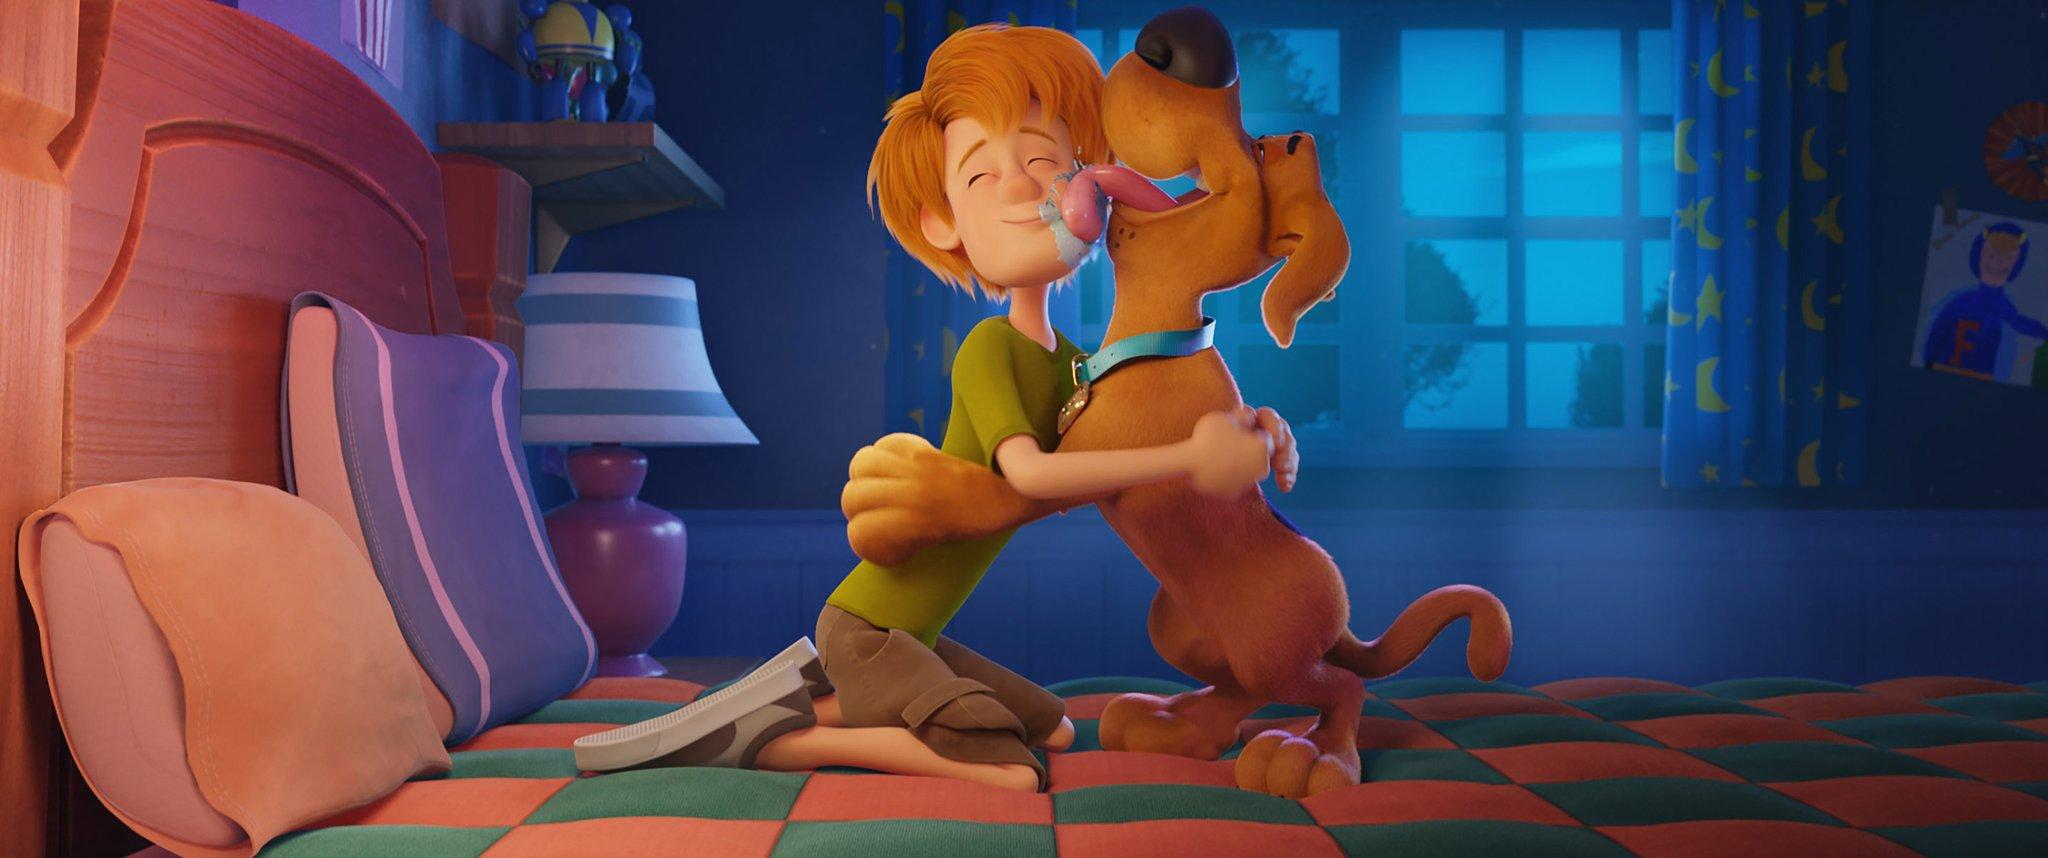 Reseña: ¡Scooby! - Más espectáculo que misterio